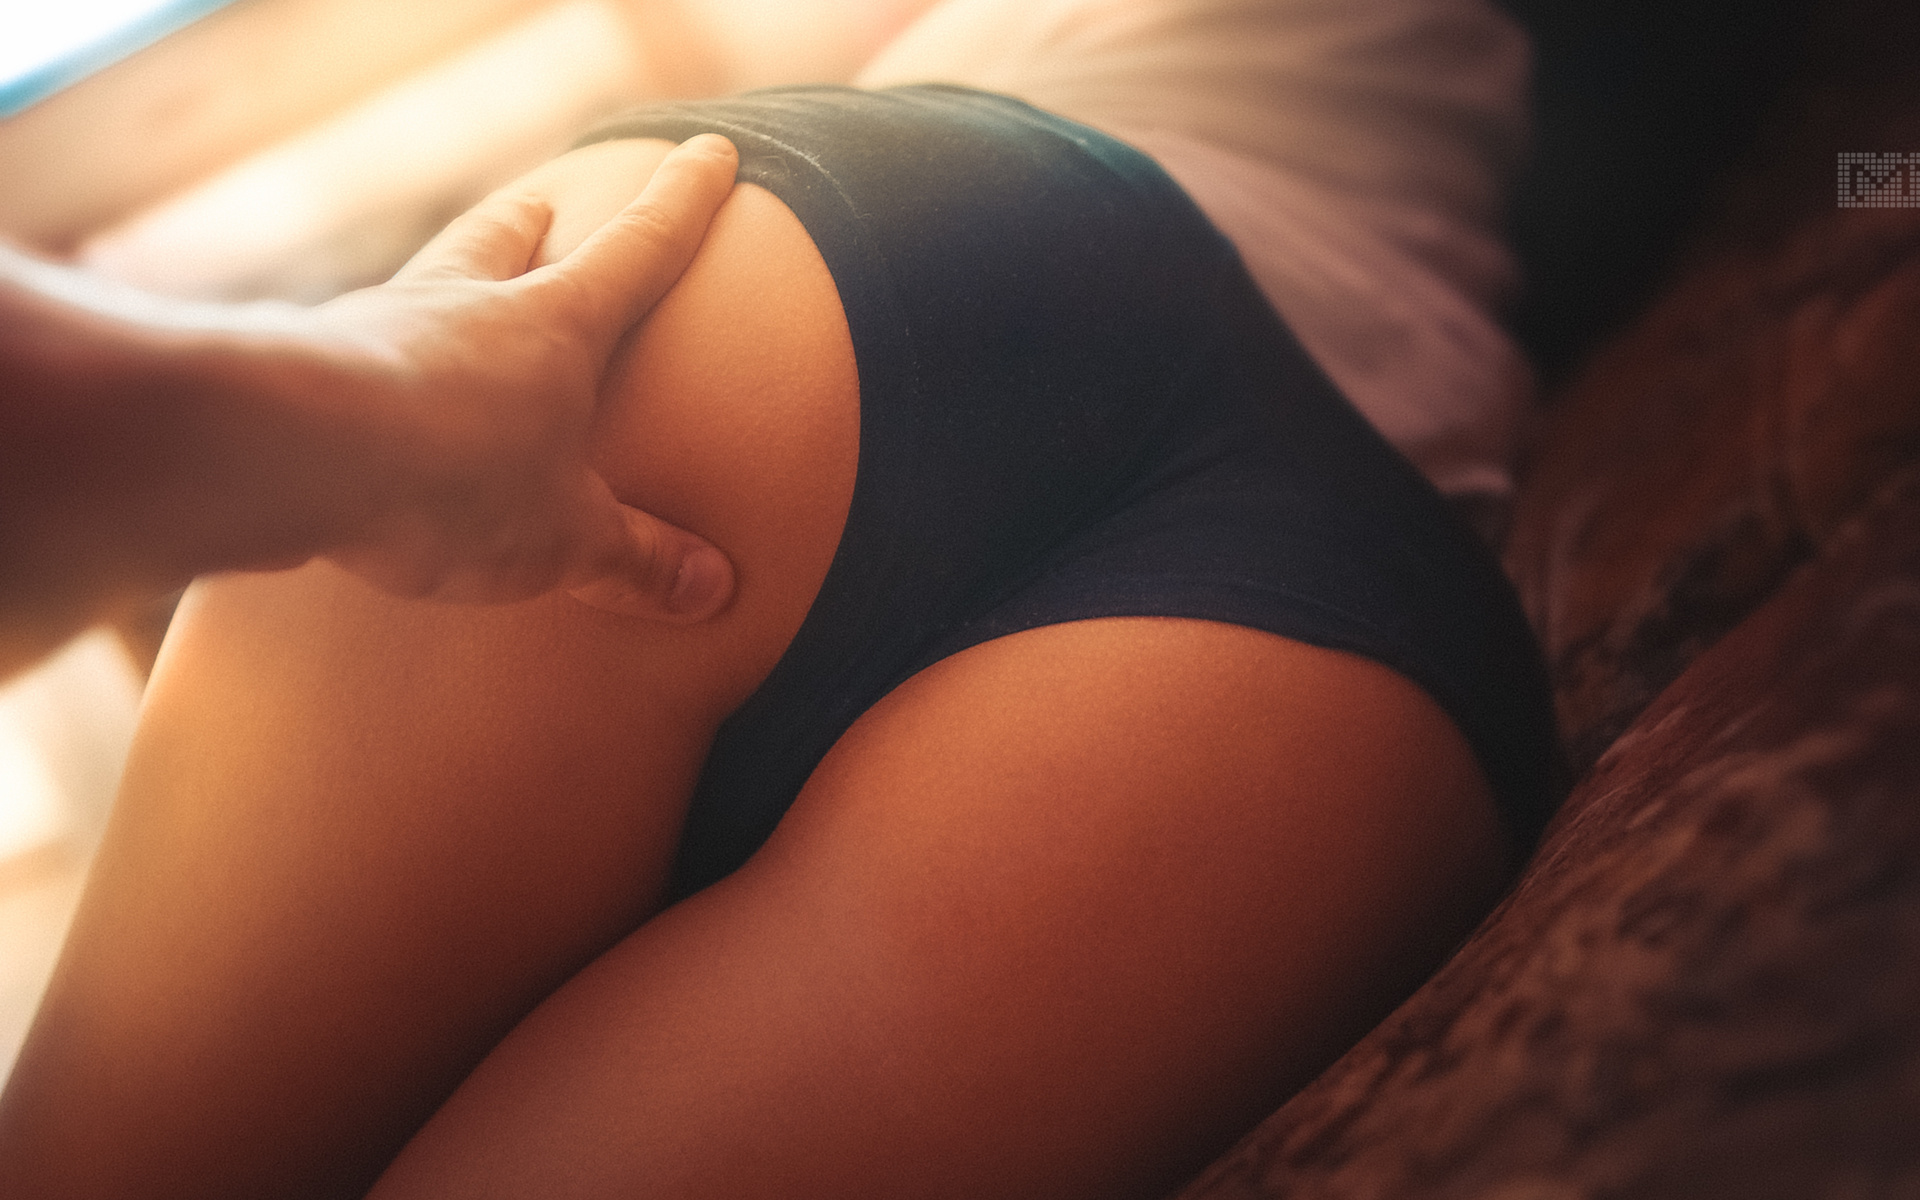 Фото голых девушек попы, Самые лучшие голые попки (45 фото) Попки 22 фотография